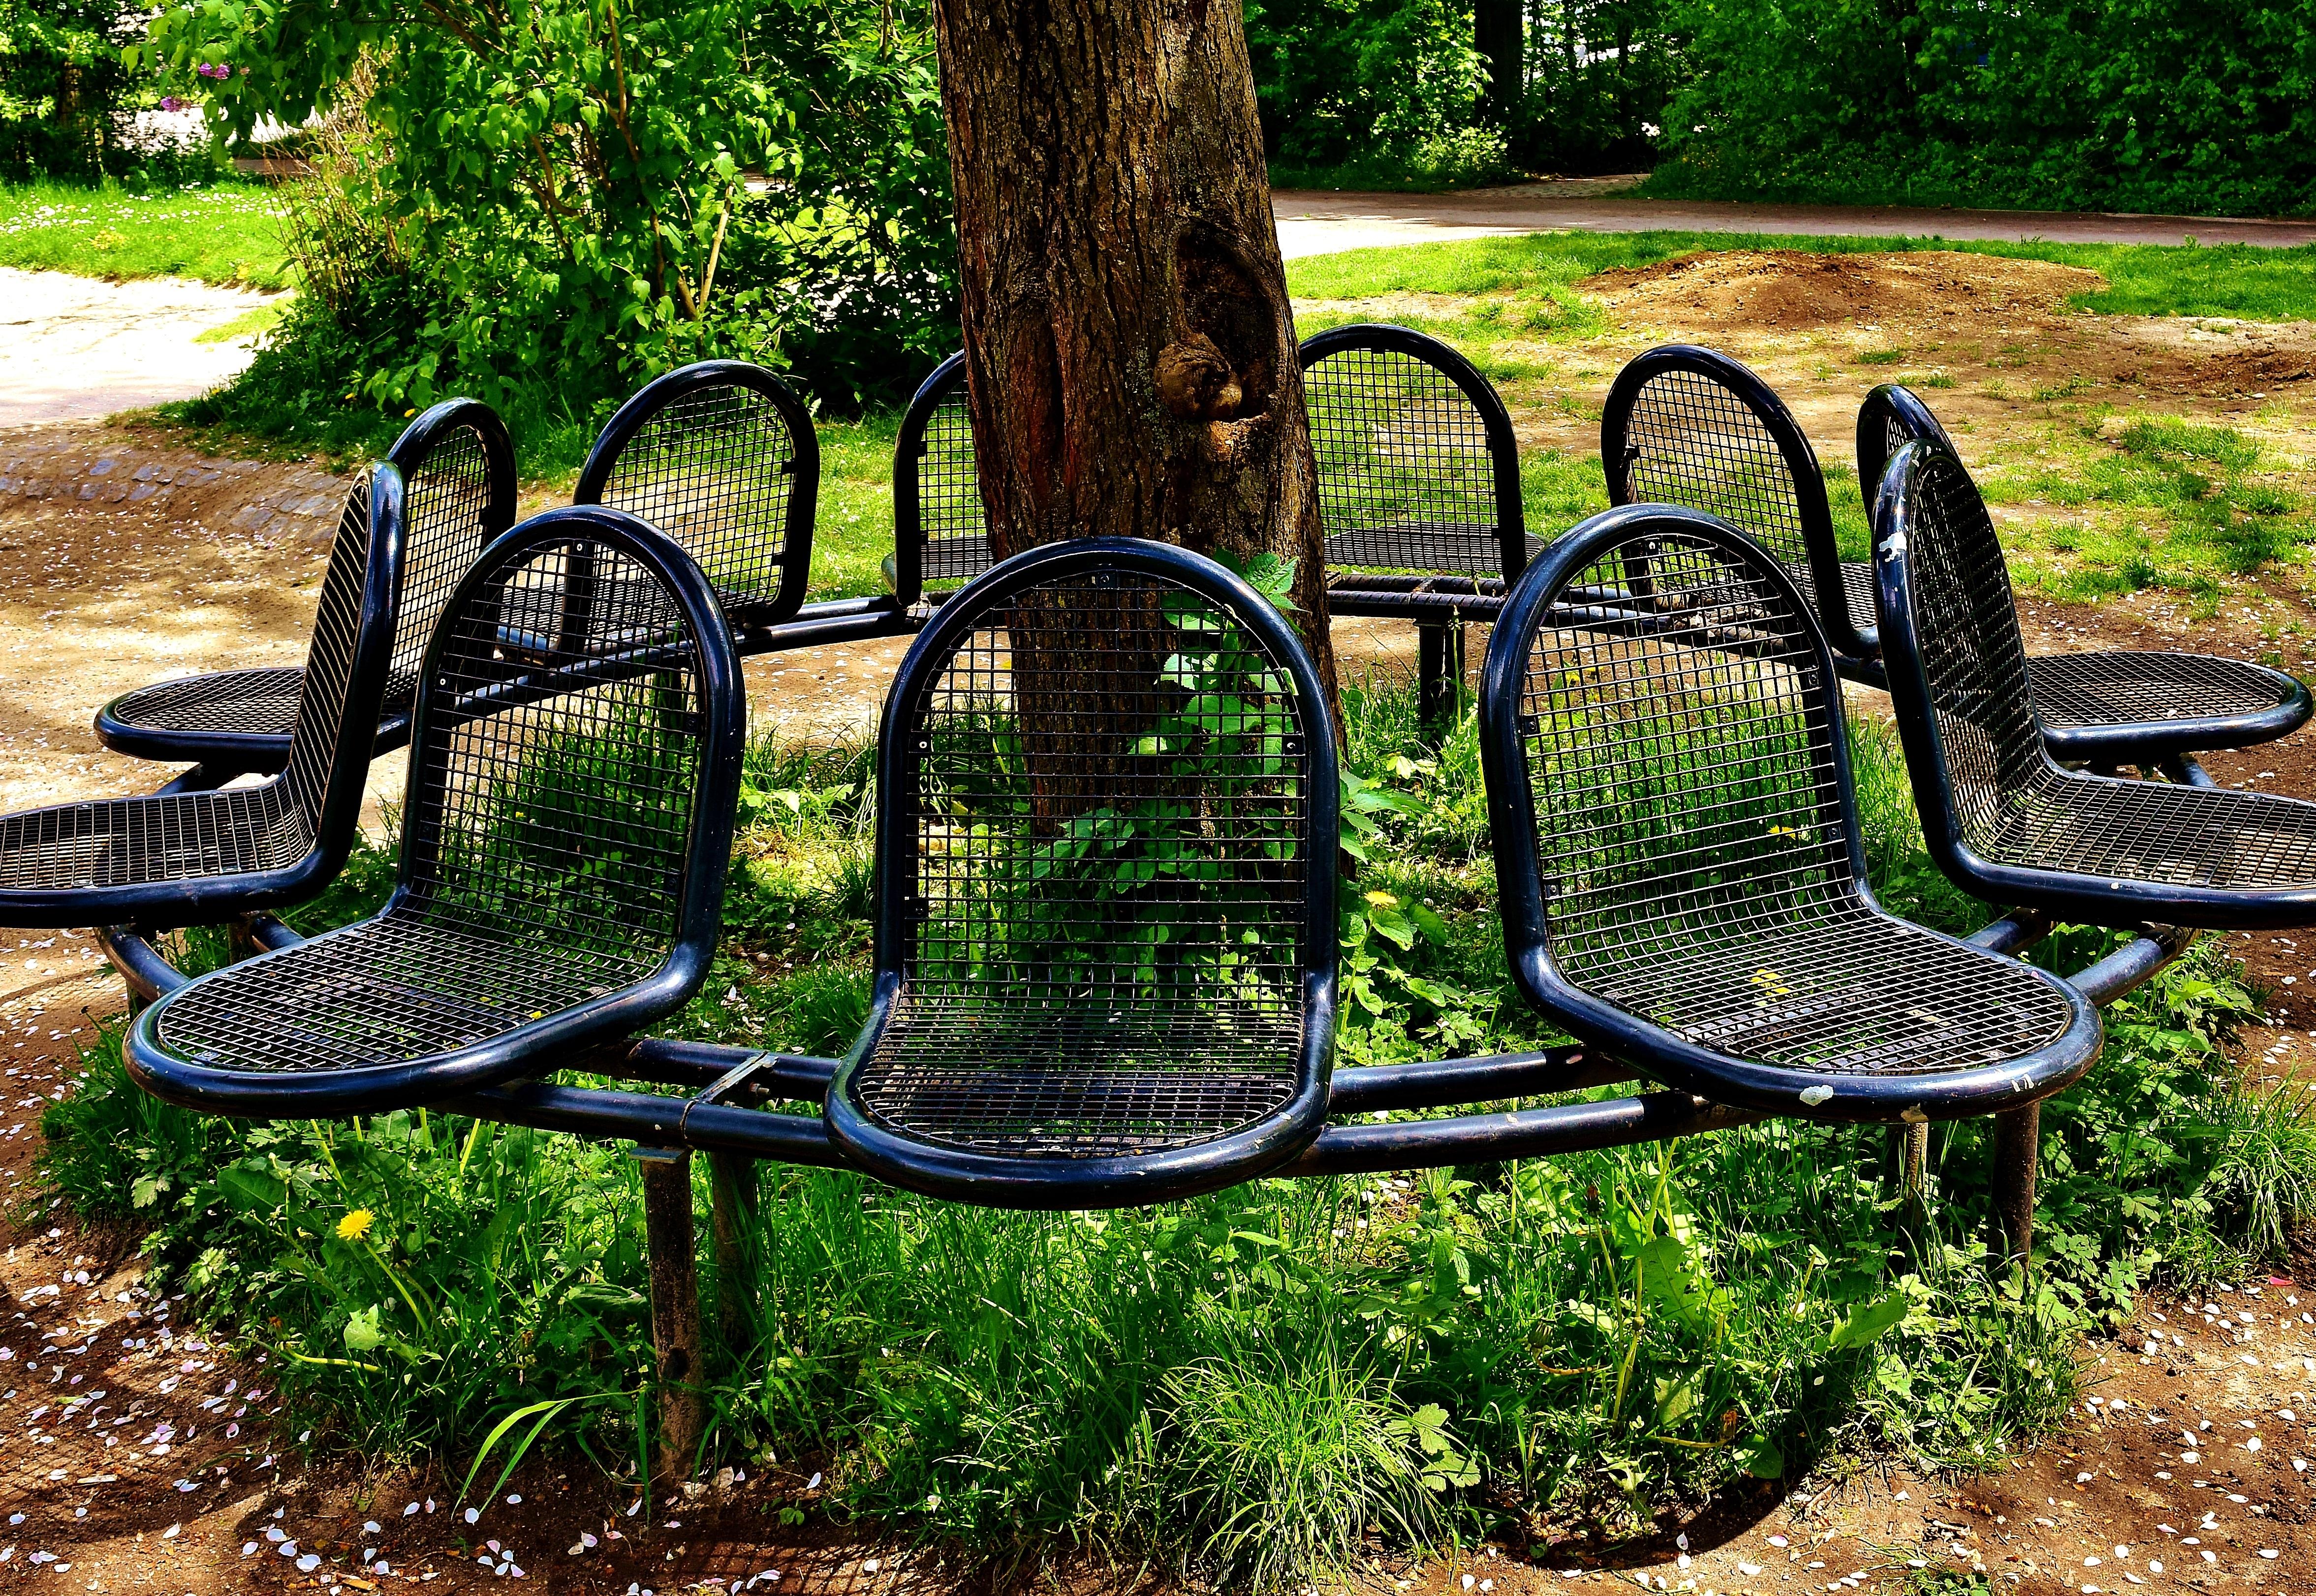 Vieux Banc De Jardin images gratuites : arbre, la nature, herbe, pelouse, siège